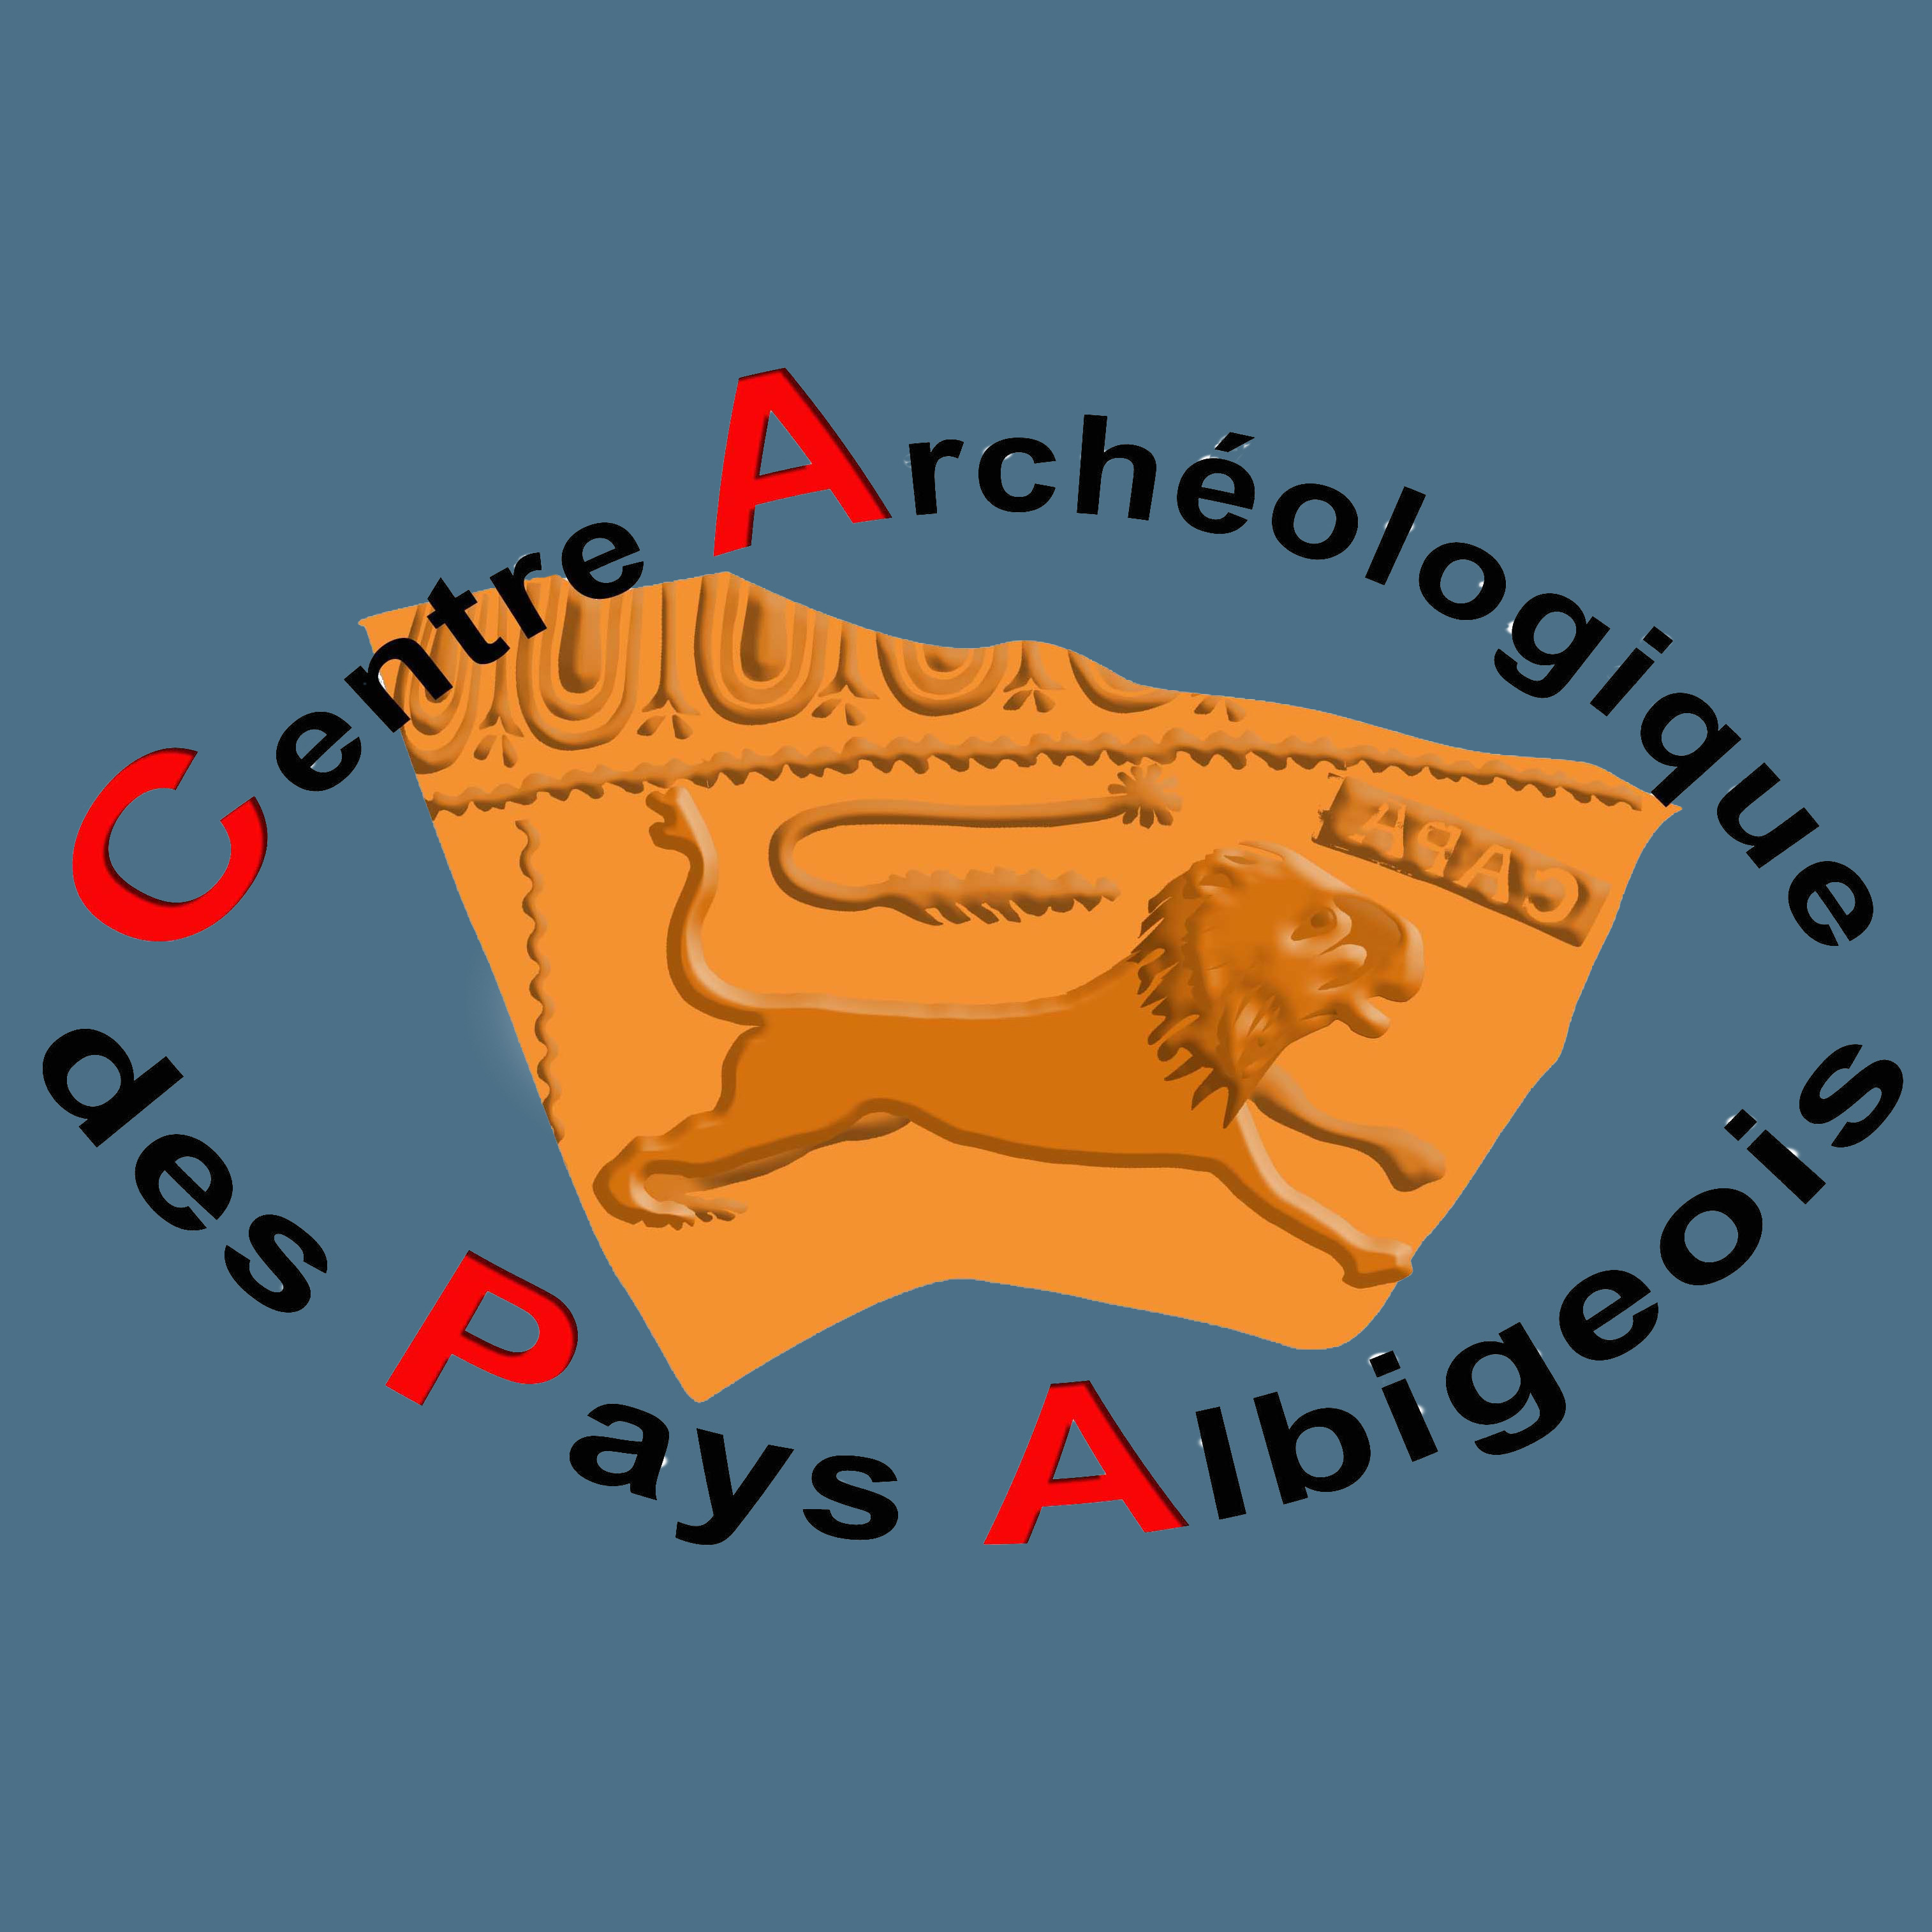 Centre archéologique des pays albigeois